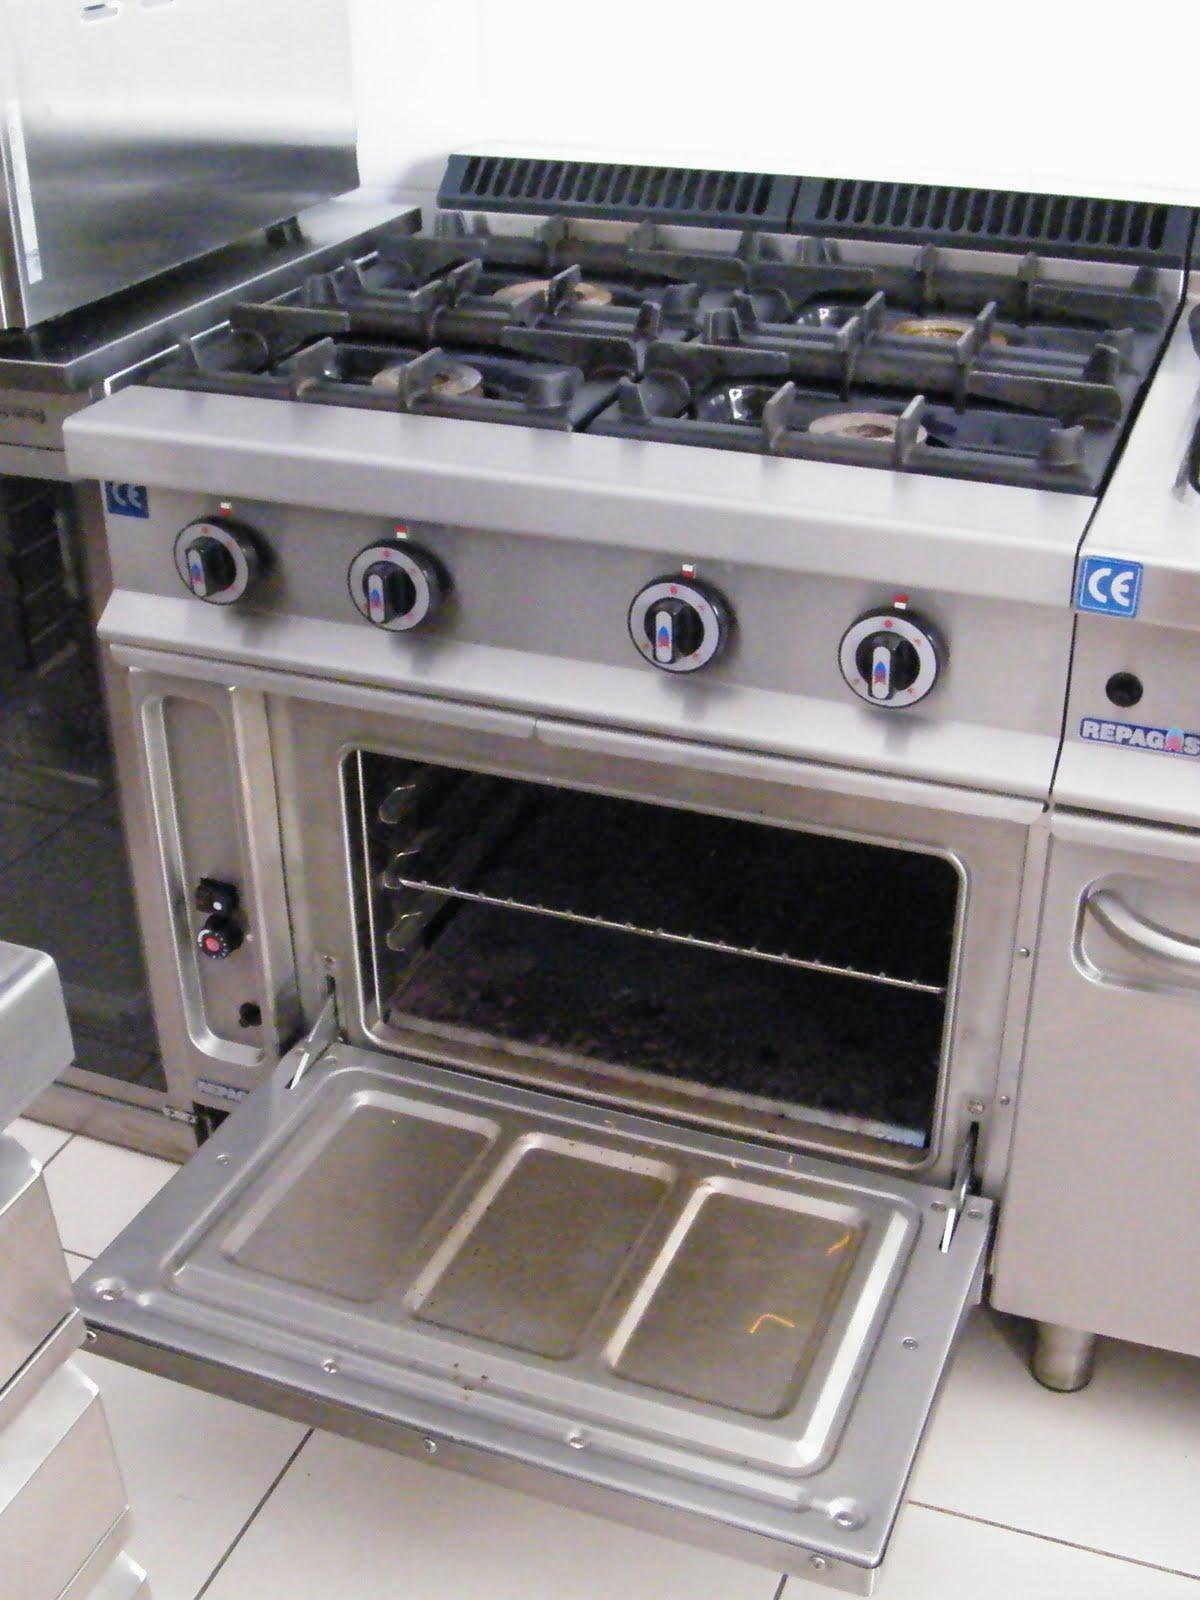 Venta material hosteleria segunda mano cocina gas 4 for Cocina 4 fuegos industrial